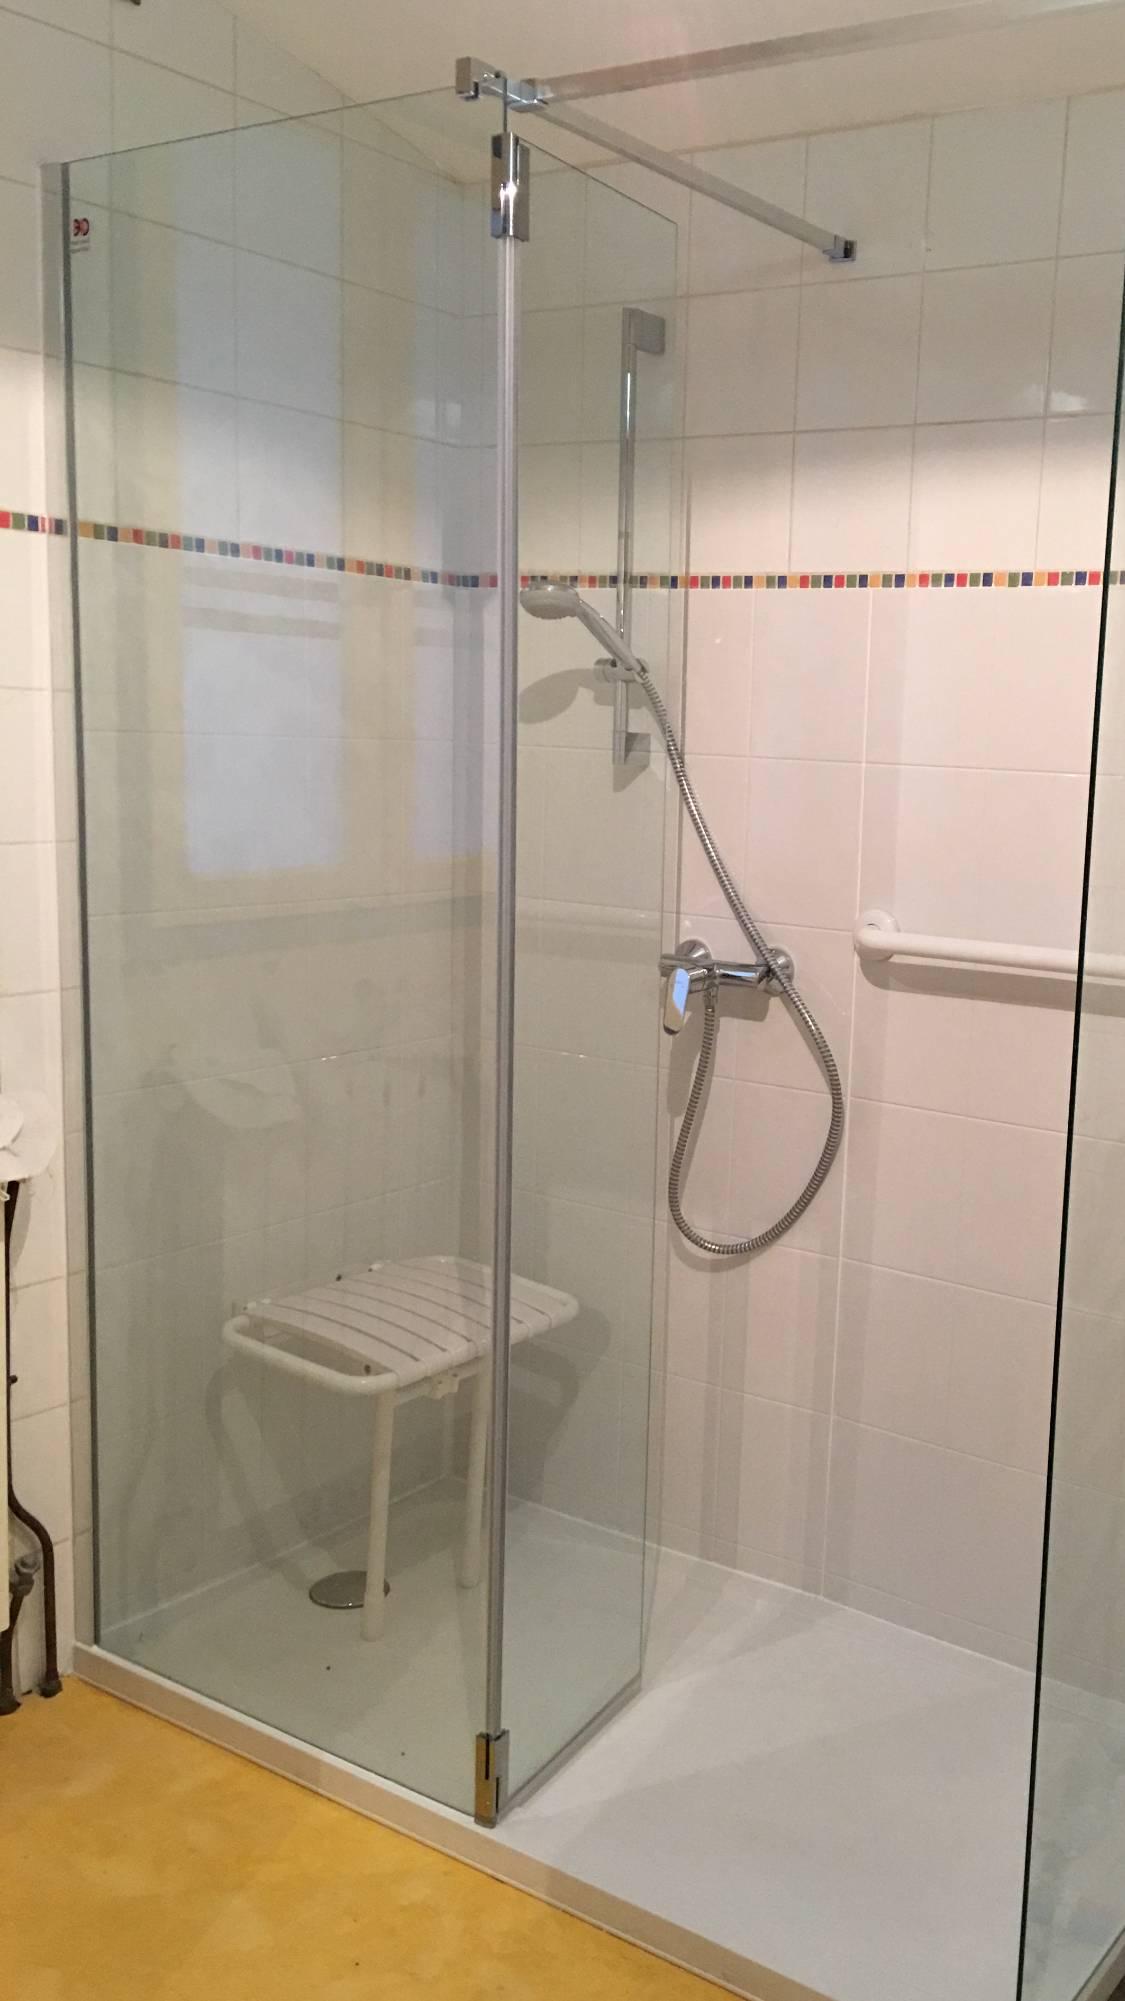 sp cialiste remplacement baignoire par douche senior s curis e rodez et dans tout le. Black Bedroom Furniture Sets. Home Design Ideas